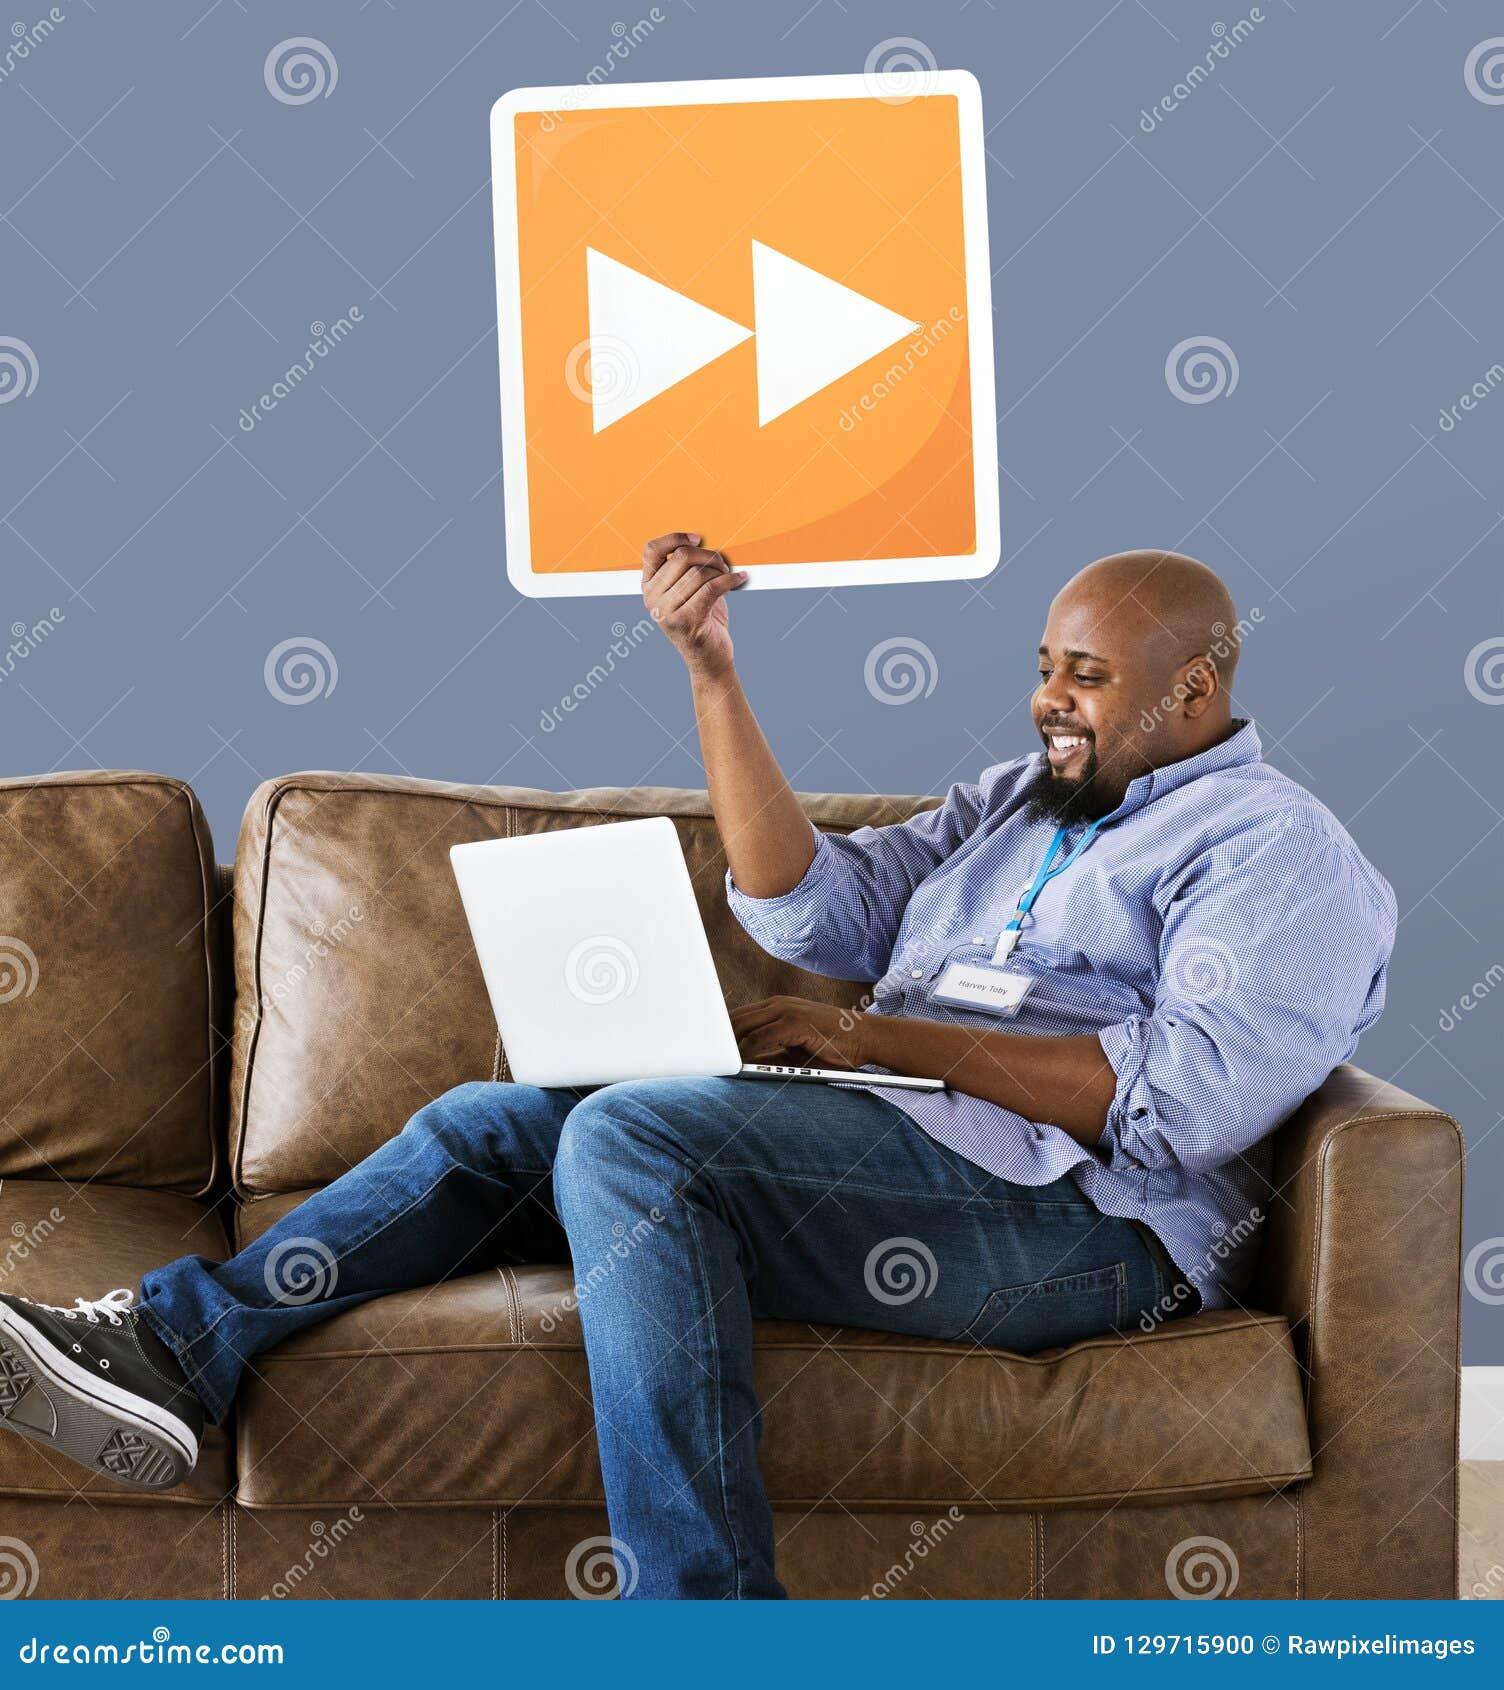 Hombre usando un ordenador portátil y sostener un botón delantero rápido